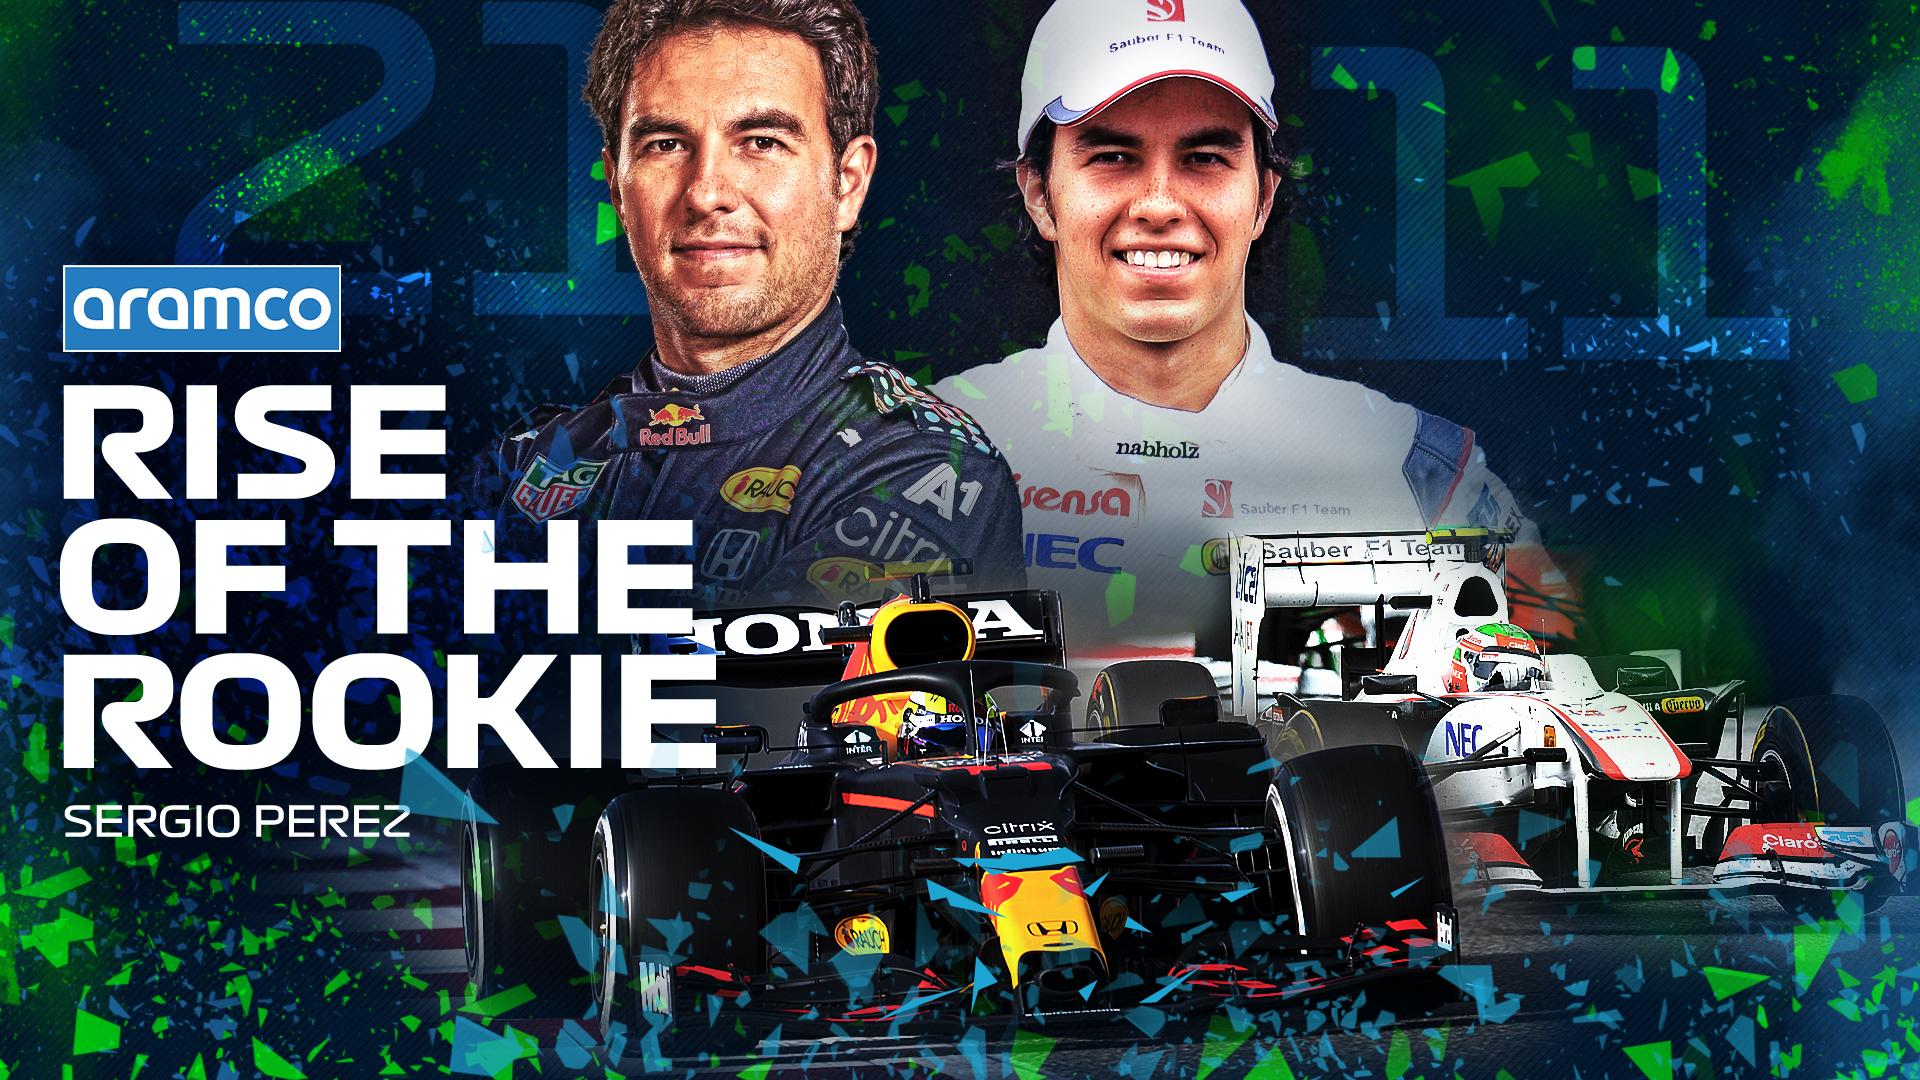 Saksikan perjalanan Sergio Perez dari jagoan muda menjadi pemenang Grand Prix di Rise of the Rookie